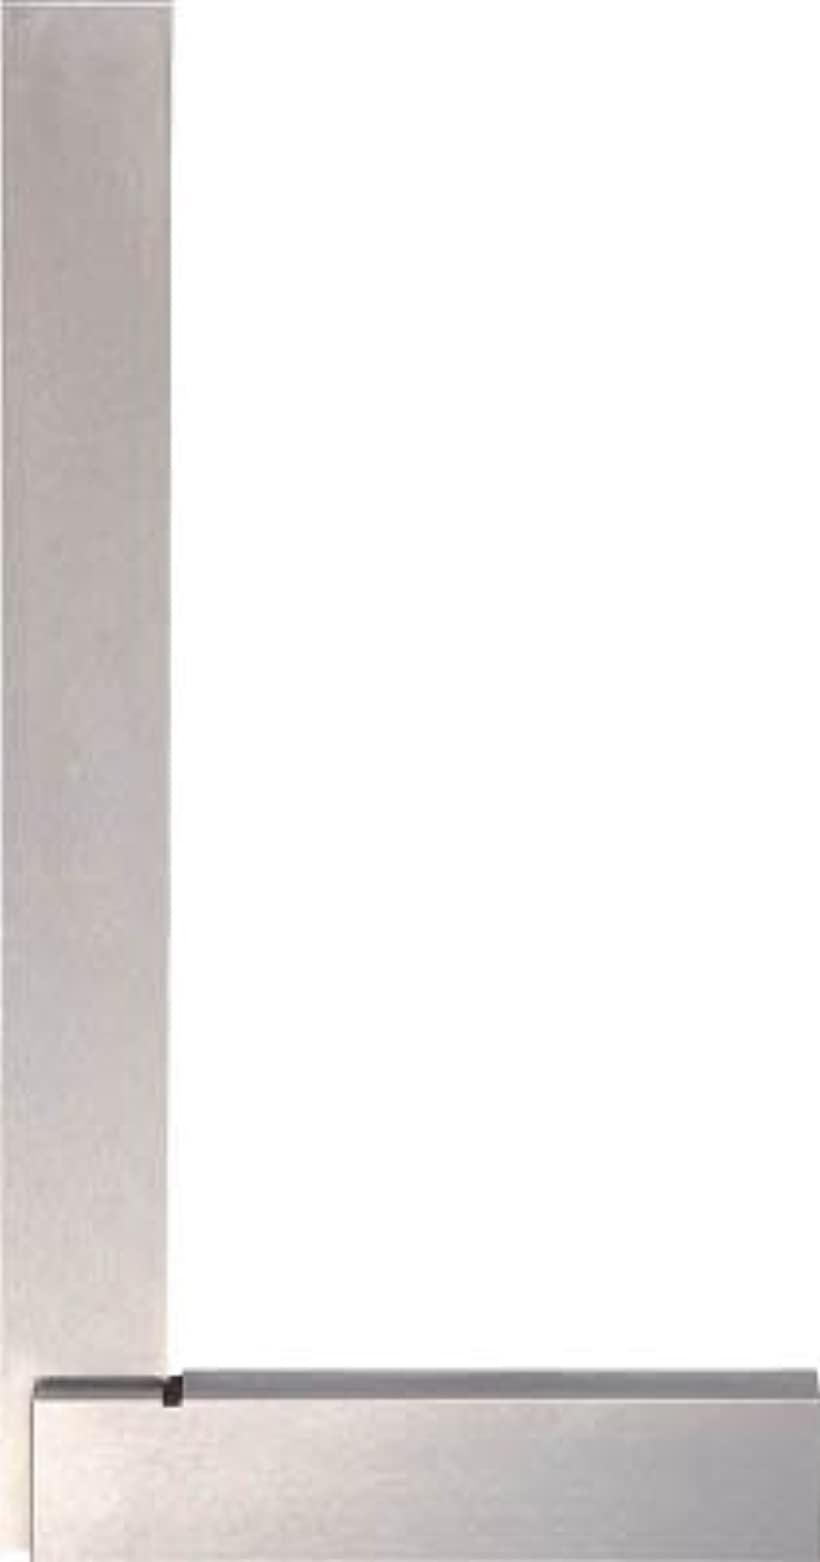 台付スコヤー450mm ULA450(竿長×台長(mm): 450×225)